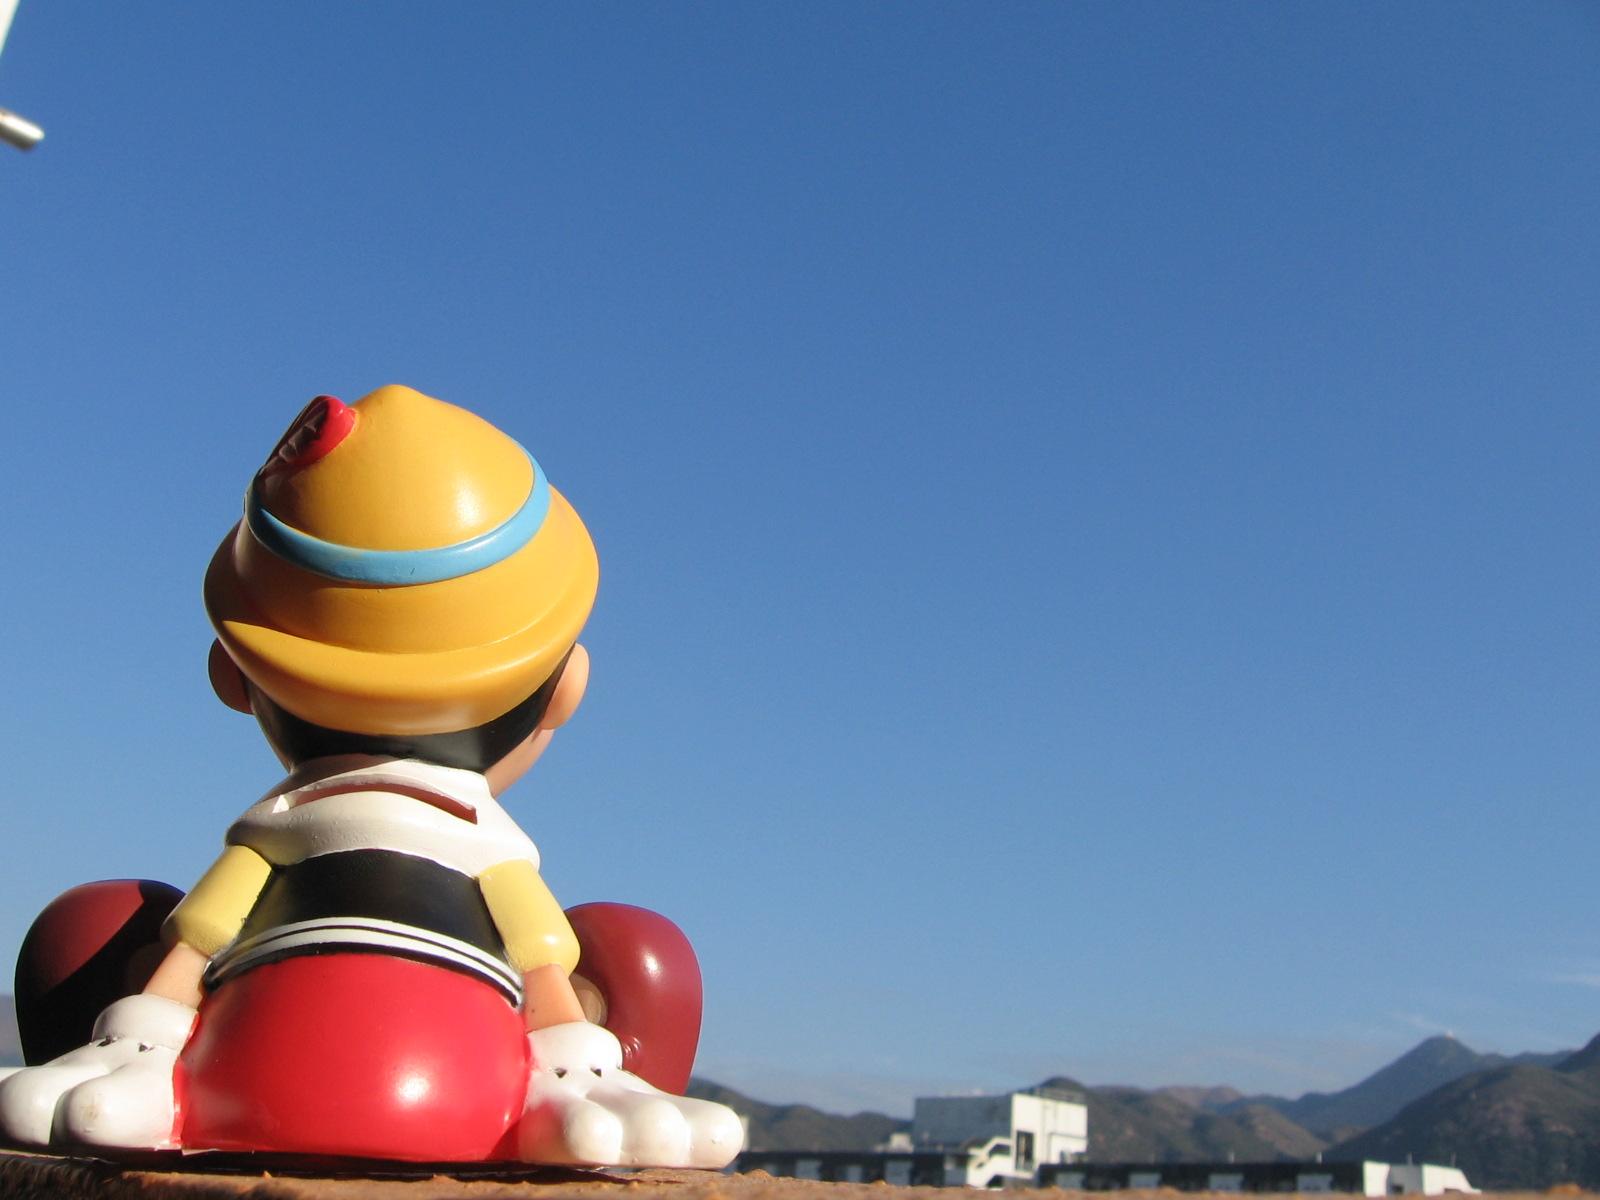 木偶 木偶 @ 2006 news about diary photos words travel link